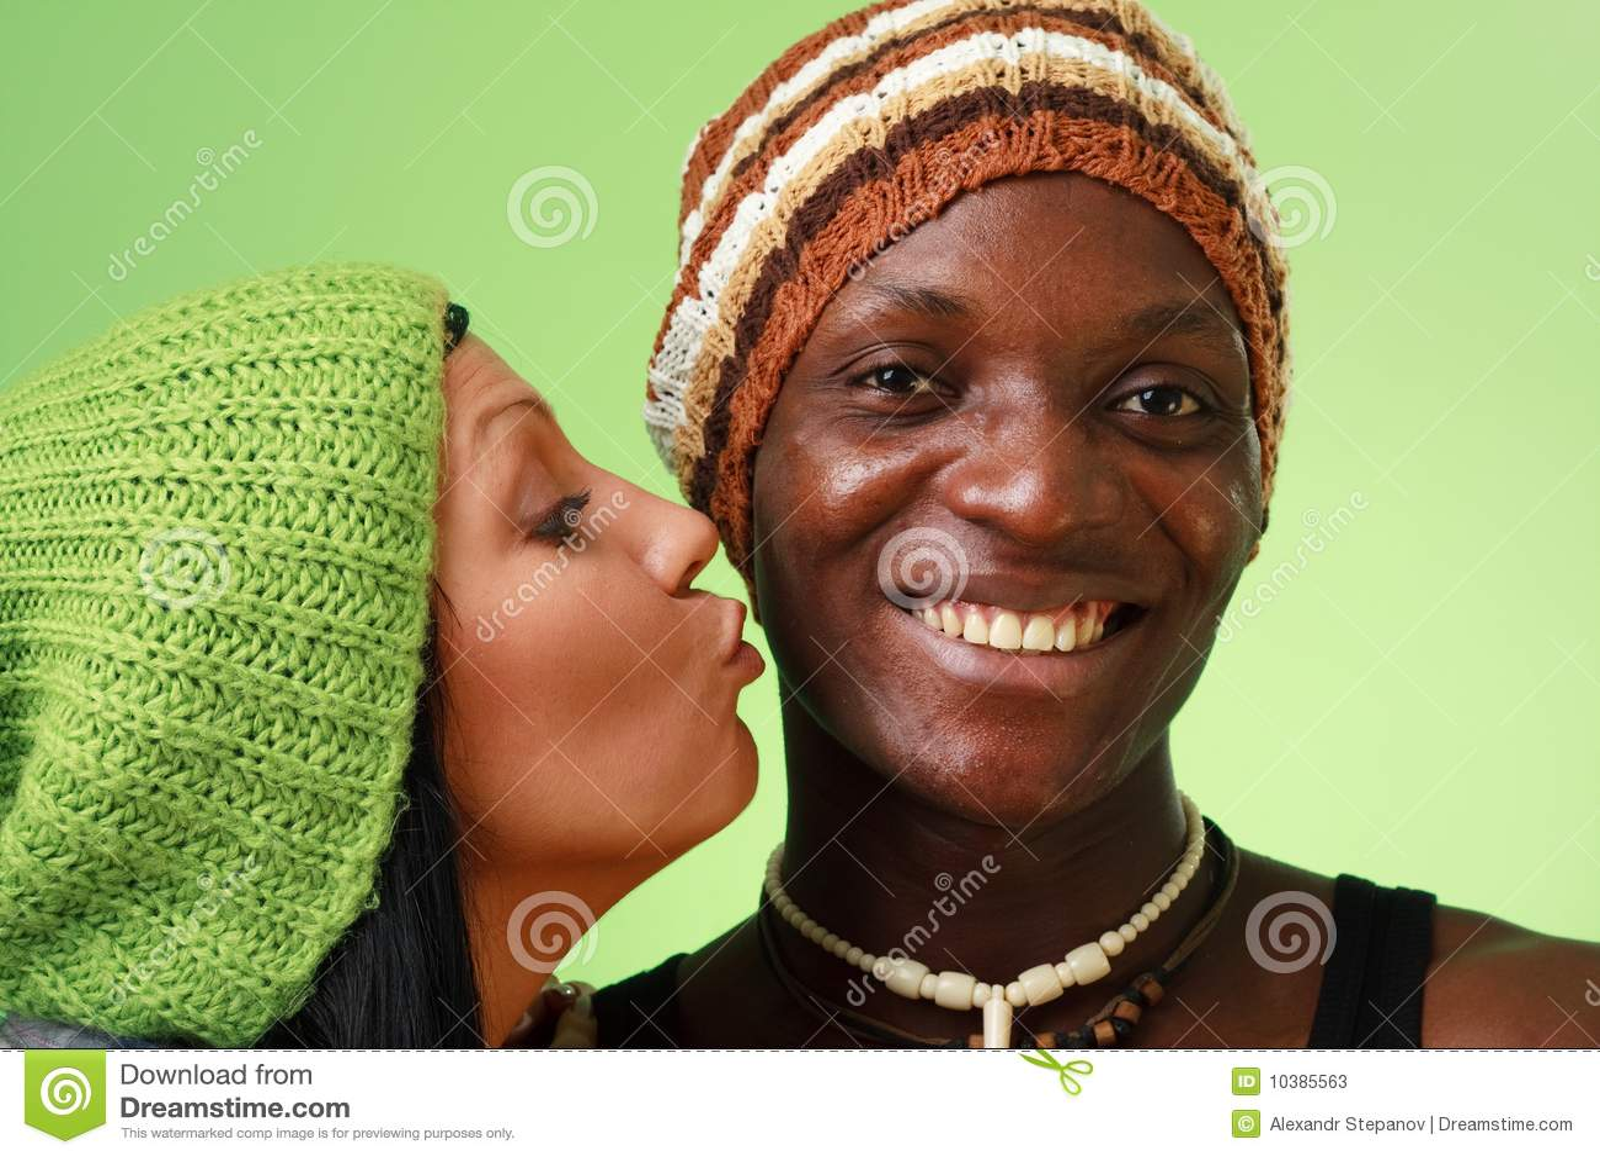 Resumen desnudo hombre y mujer blanco y negro